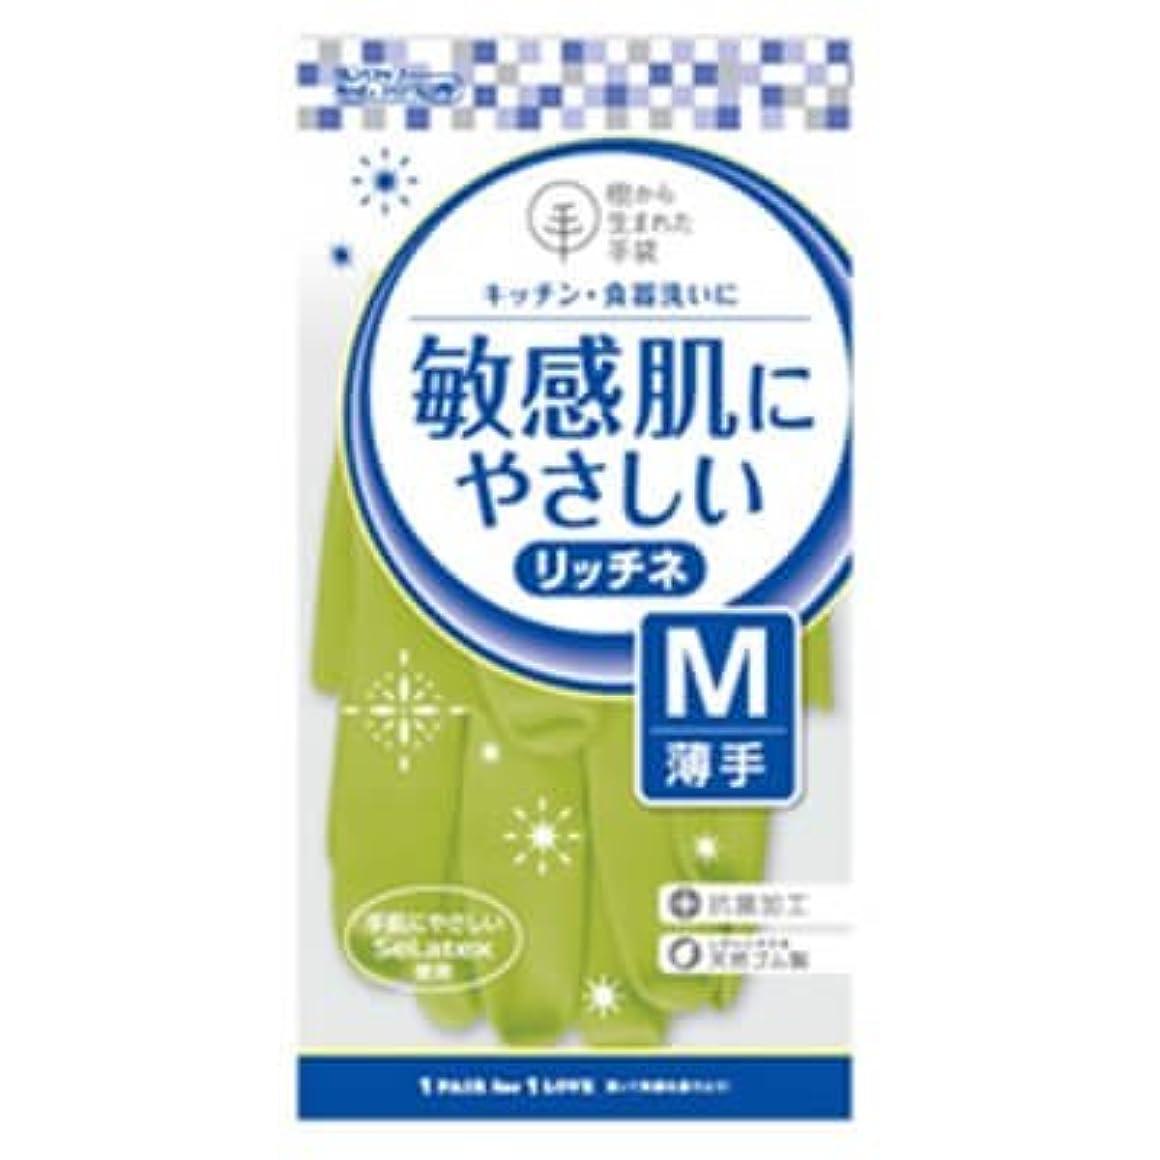 投獄初心者気球【ケース販売】 ダンロップ 敏感肌にやさしい リッチネ 薄手 M グリーン (10双×24袋)